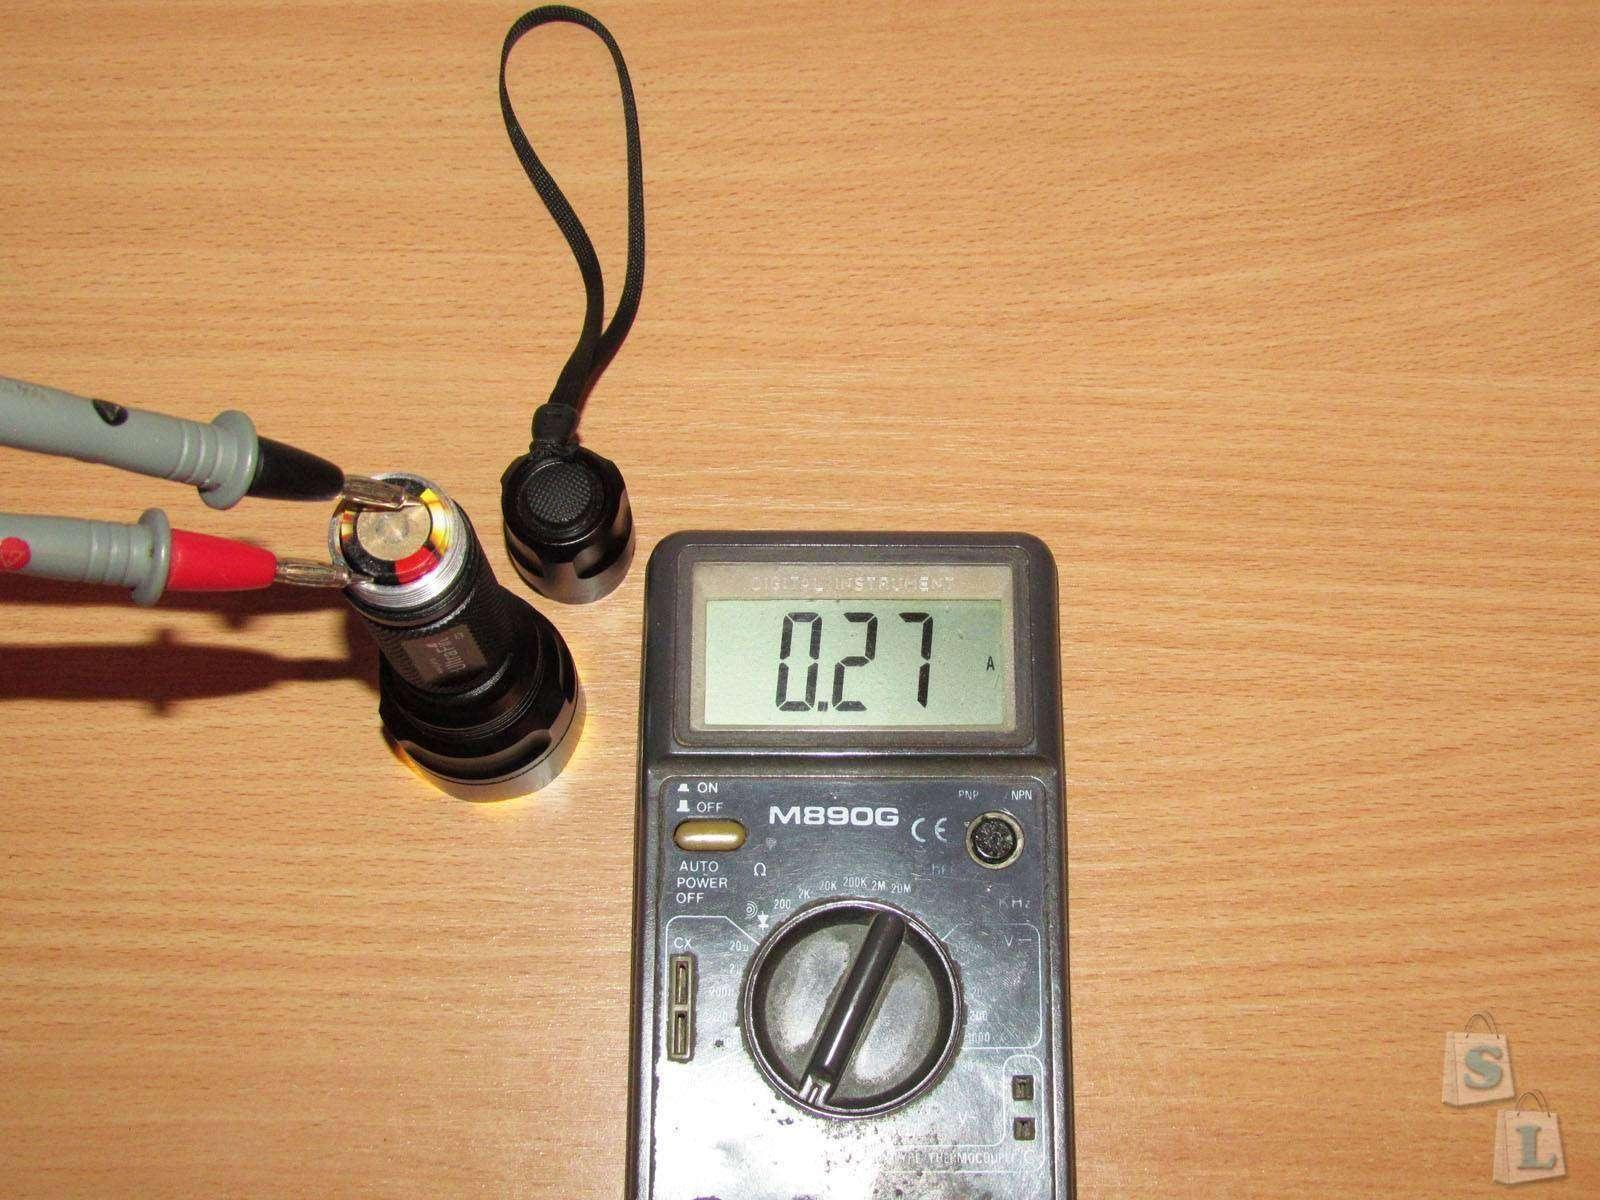 ChinaBuye: UltraFire C2 Cree XR-E, или просто средний фонарик который думает, что он дальнобой.